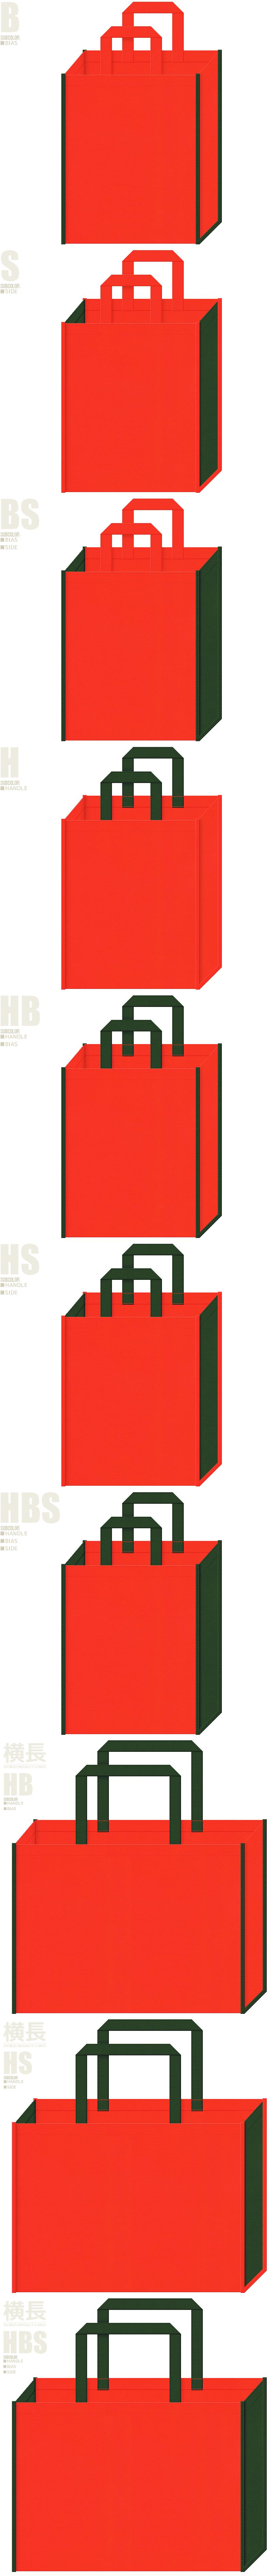 ハロウィン・かぼちゃ・にんじん・柿のイメージにお奨めの不織布バッグデザイン:オレンジ色と濃緑色の配色7パターン